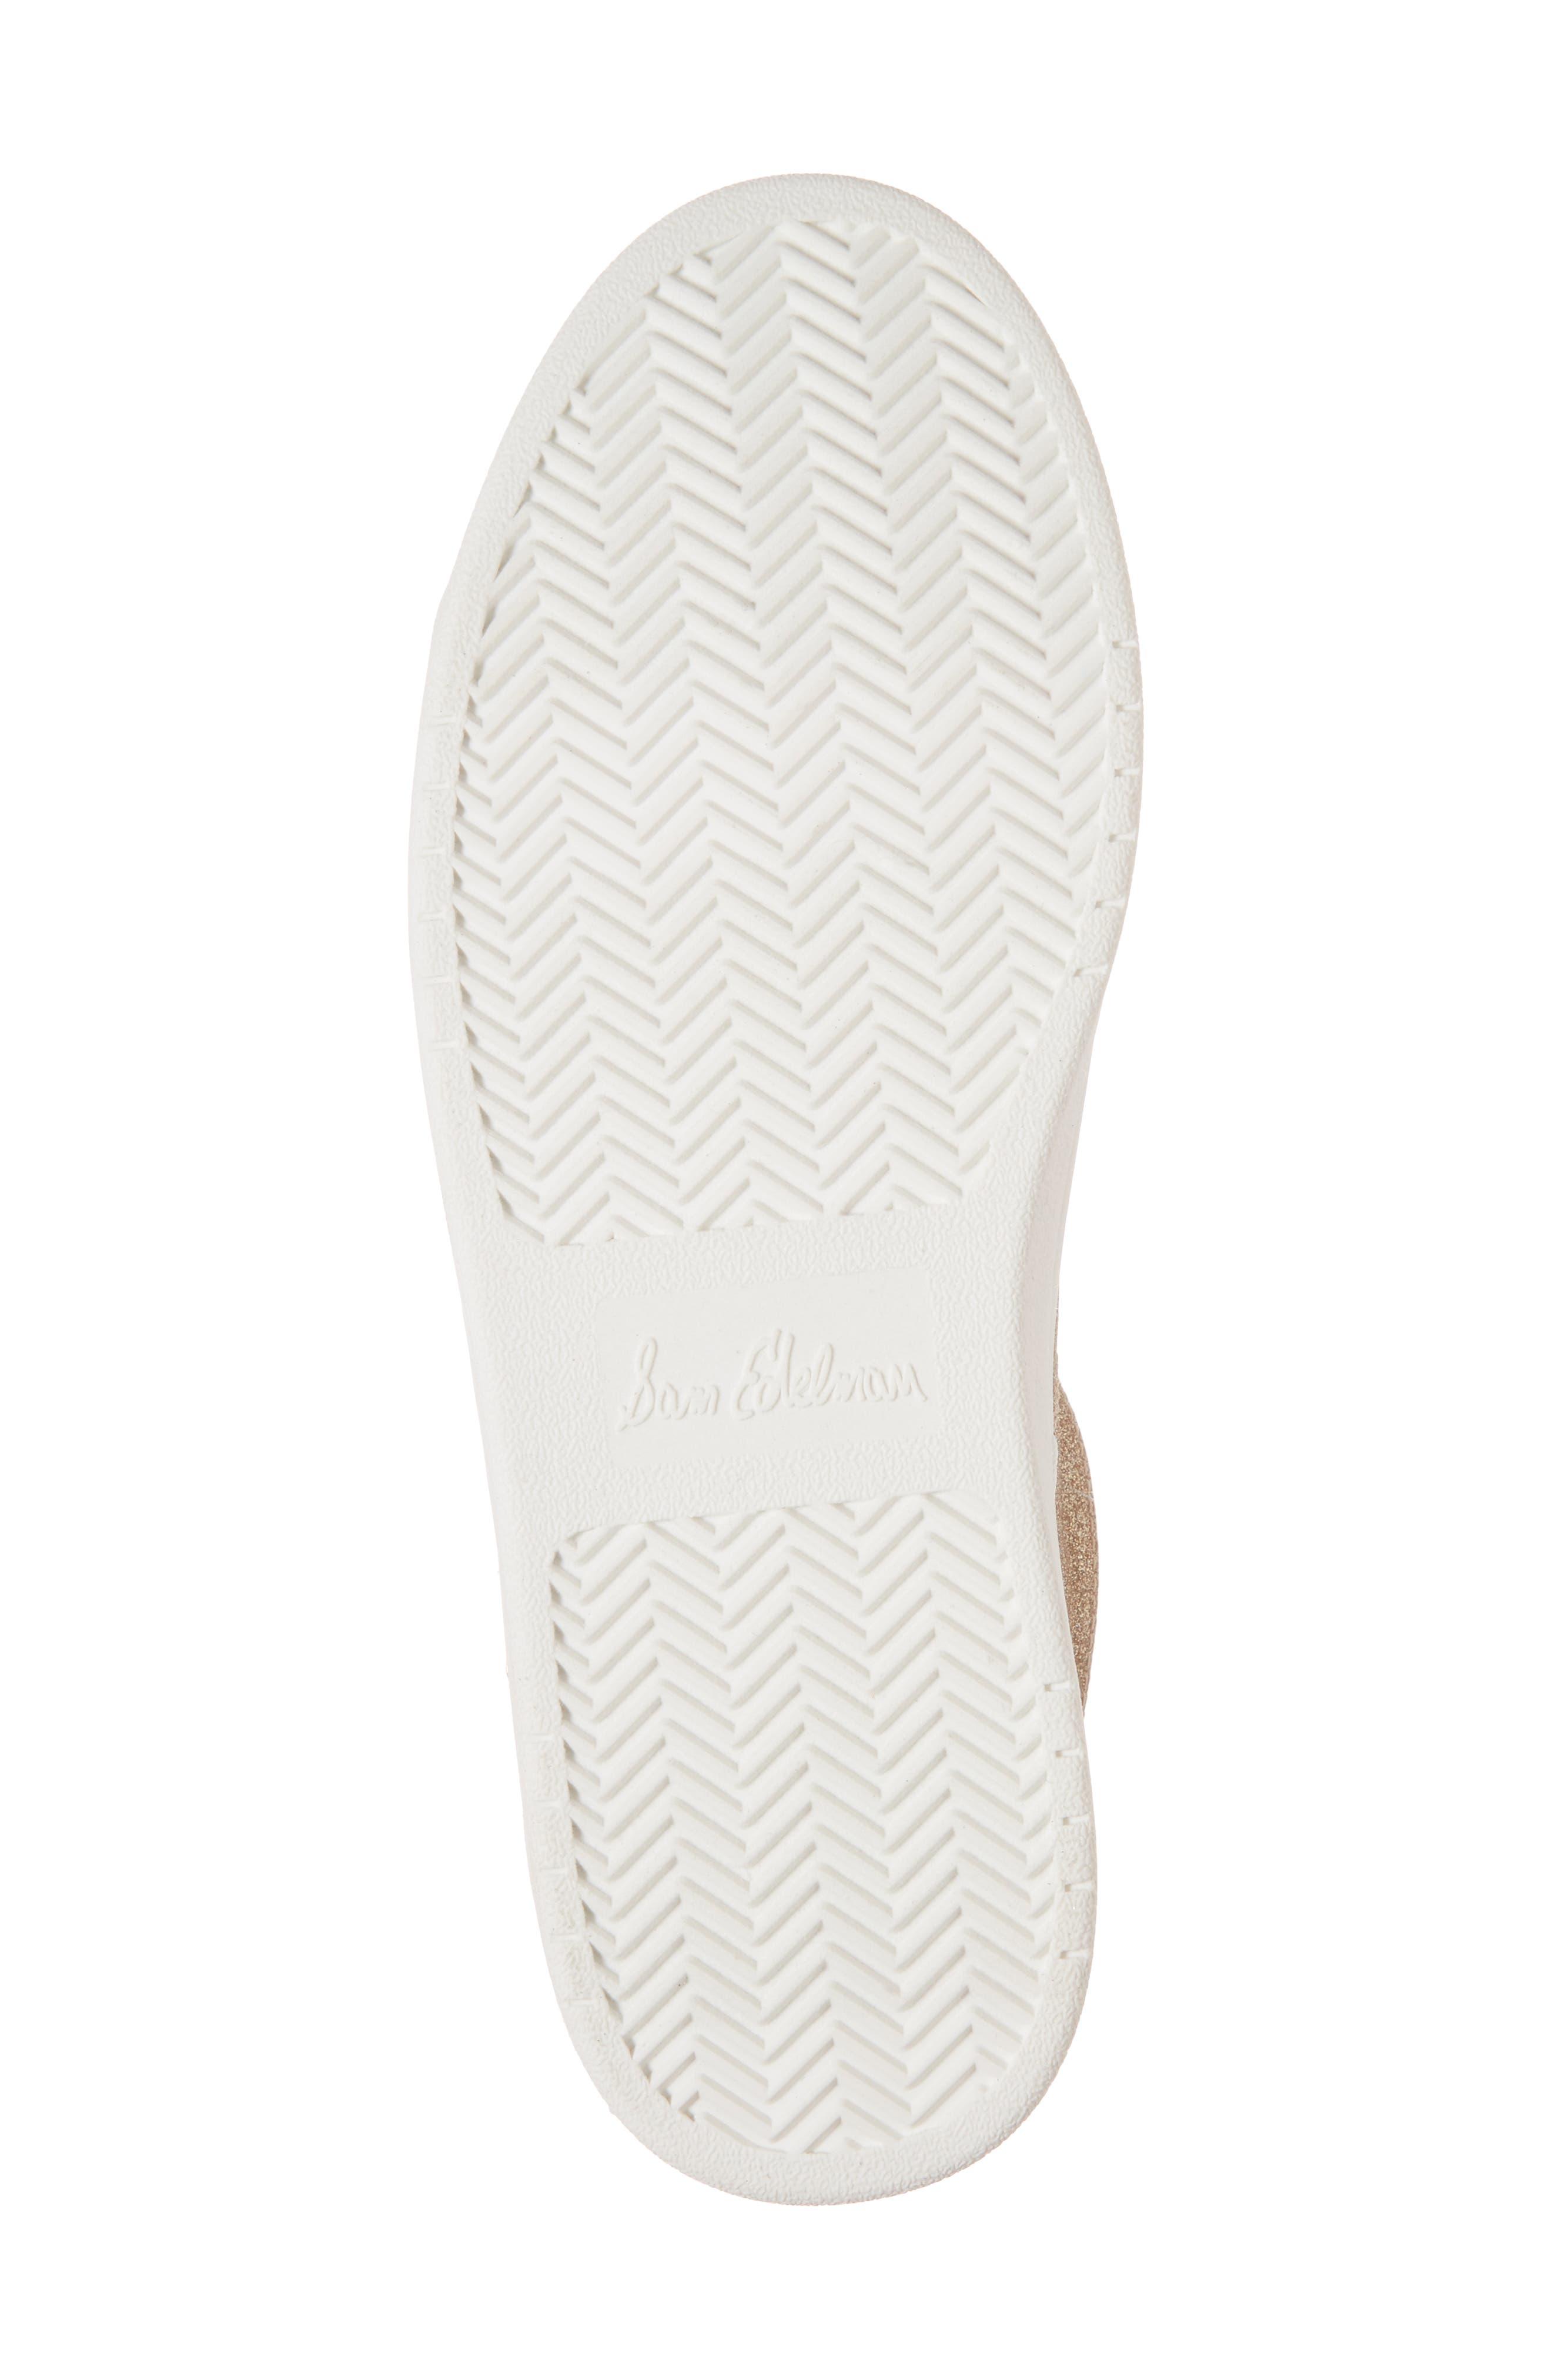 Blane Myth Glitter Sneaker,                             Alternate thumbnail 6, color,                             712